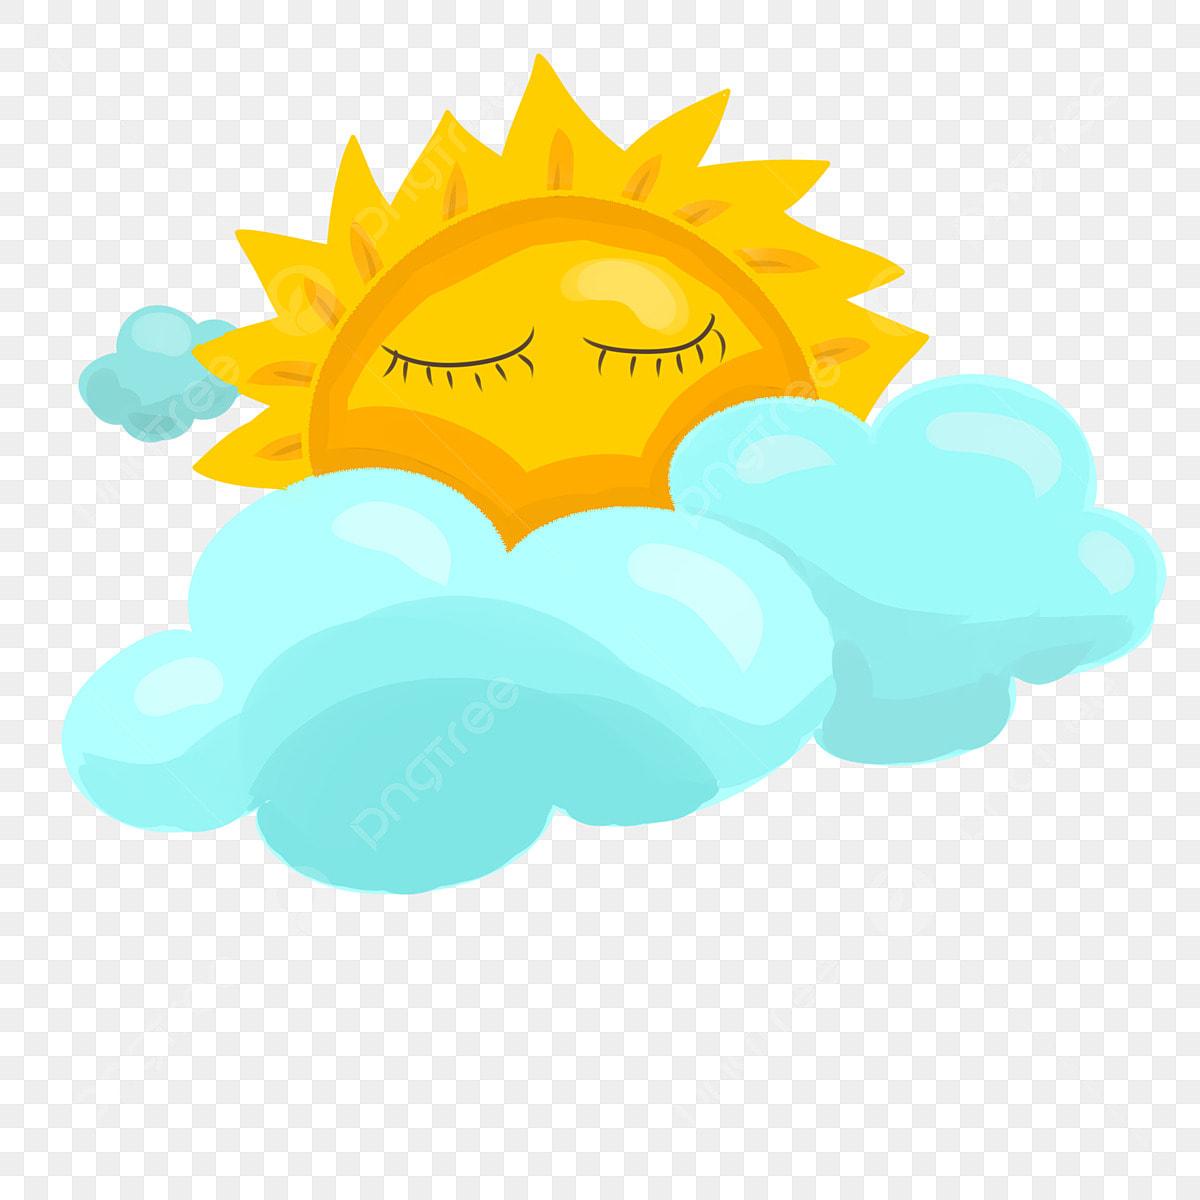 Pronóstico Del Tiempo Nublado Ilustración Del Tiempo Del Clima Pronóstico  Del Tiempo De Dibujos Animados Ilustración Del Clima Nublado Lindo, Tiempo,  Sol, Pronóstico Del Tiempo De Dibujos Animados PNG y PSD para